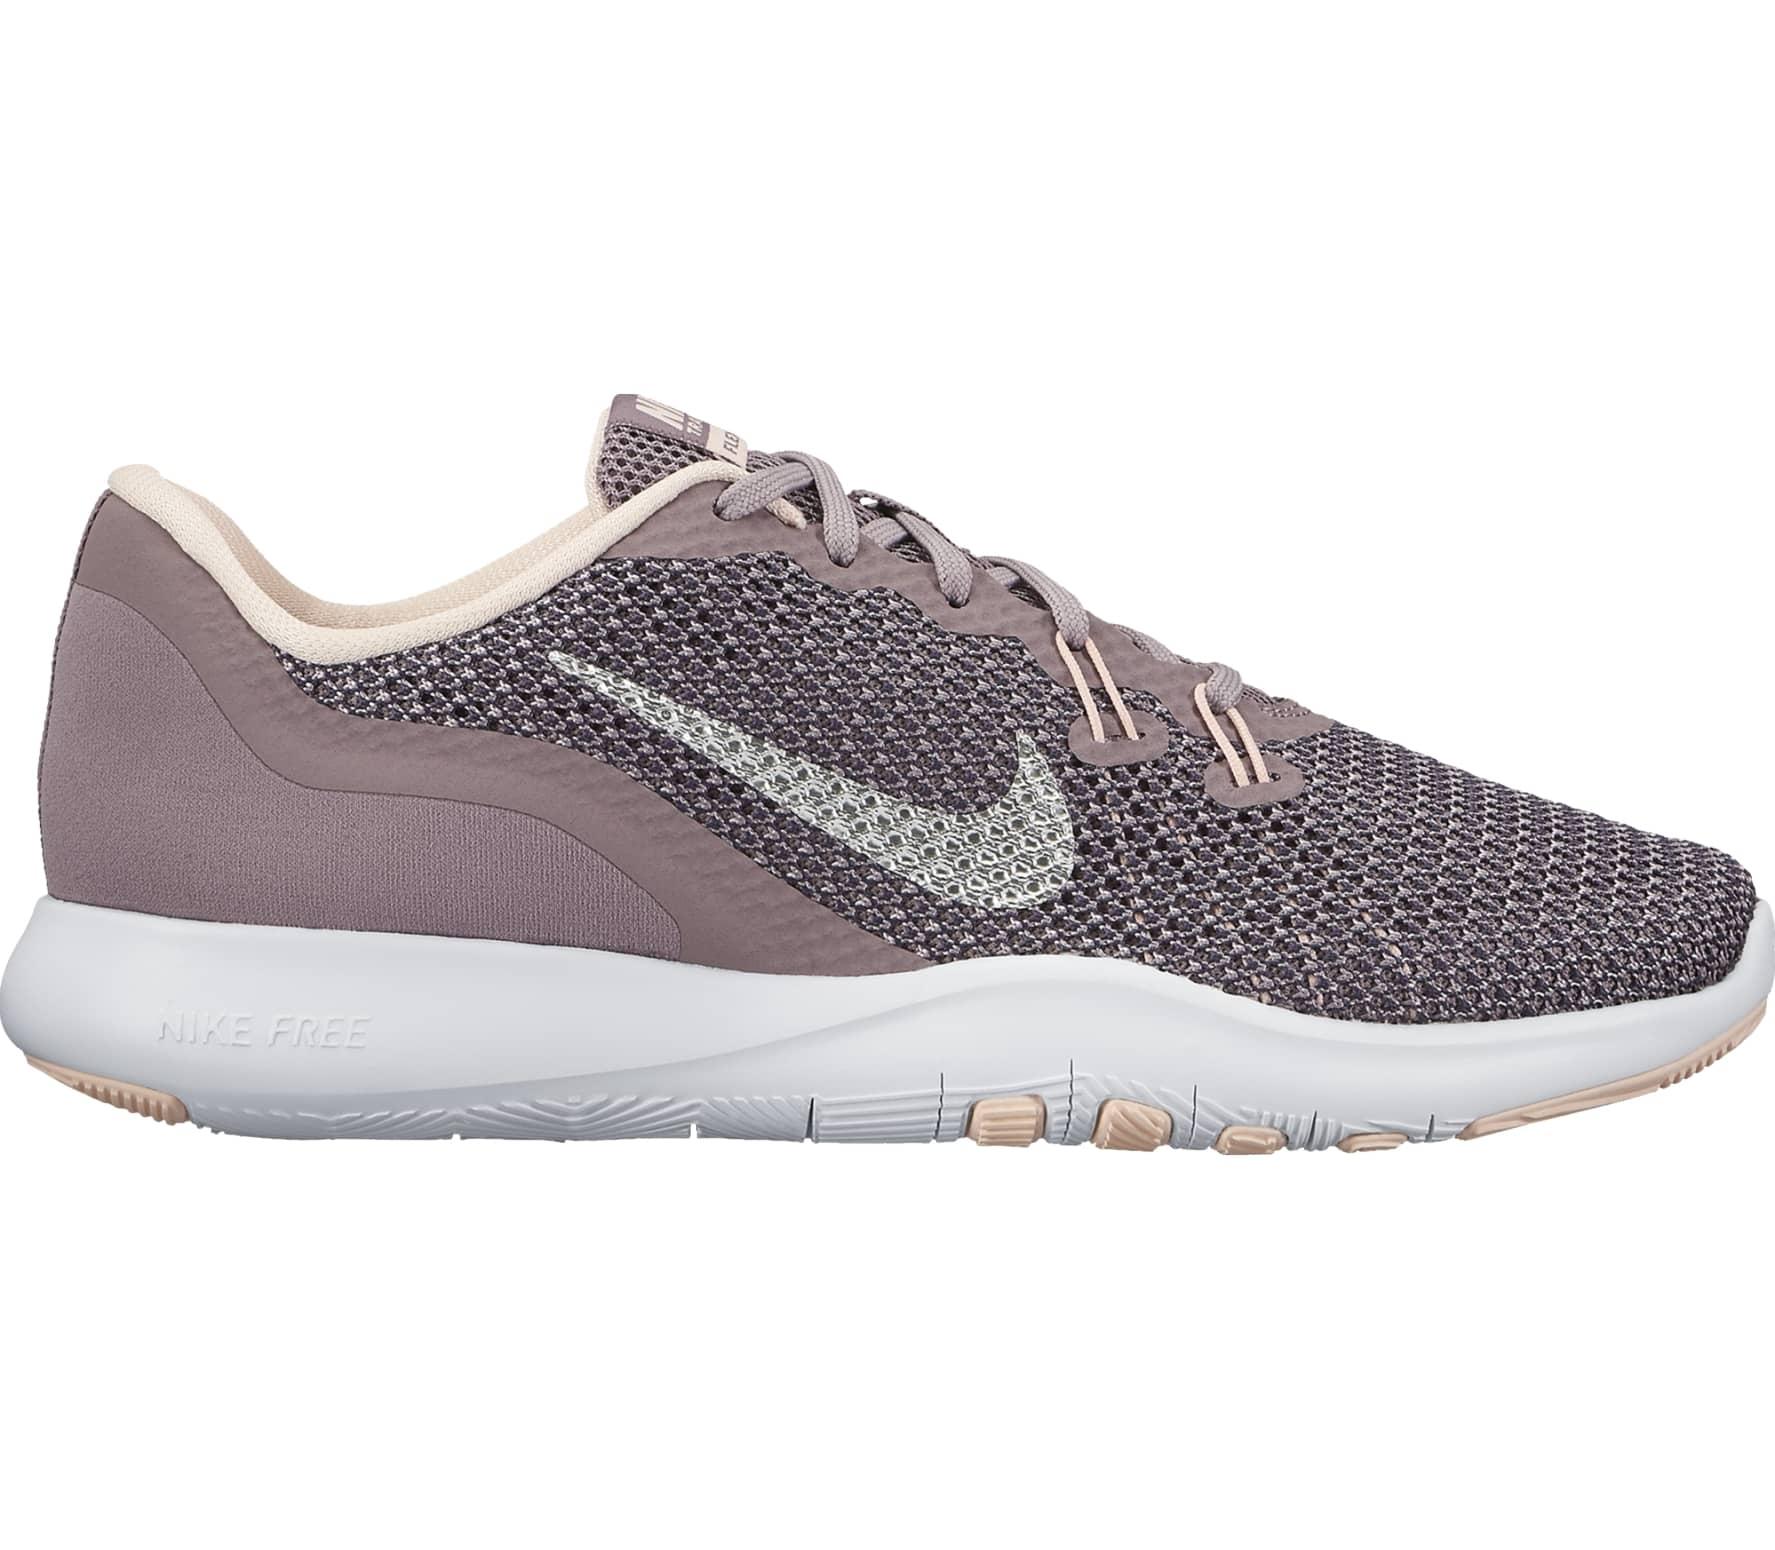 97c358e60581 Nike - Flex TR 7 Bionic women s training shoes (grey pink) - buy it ...